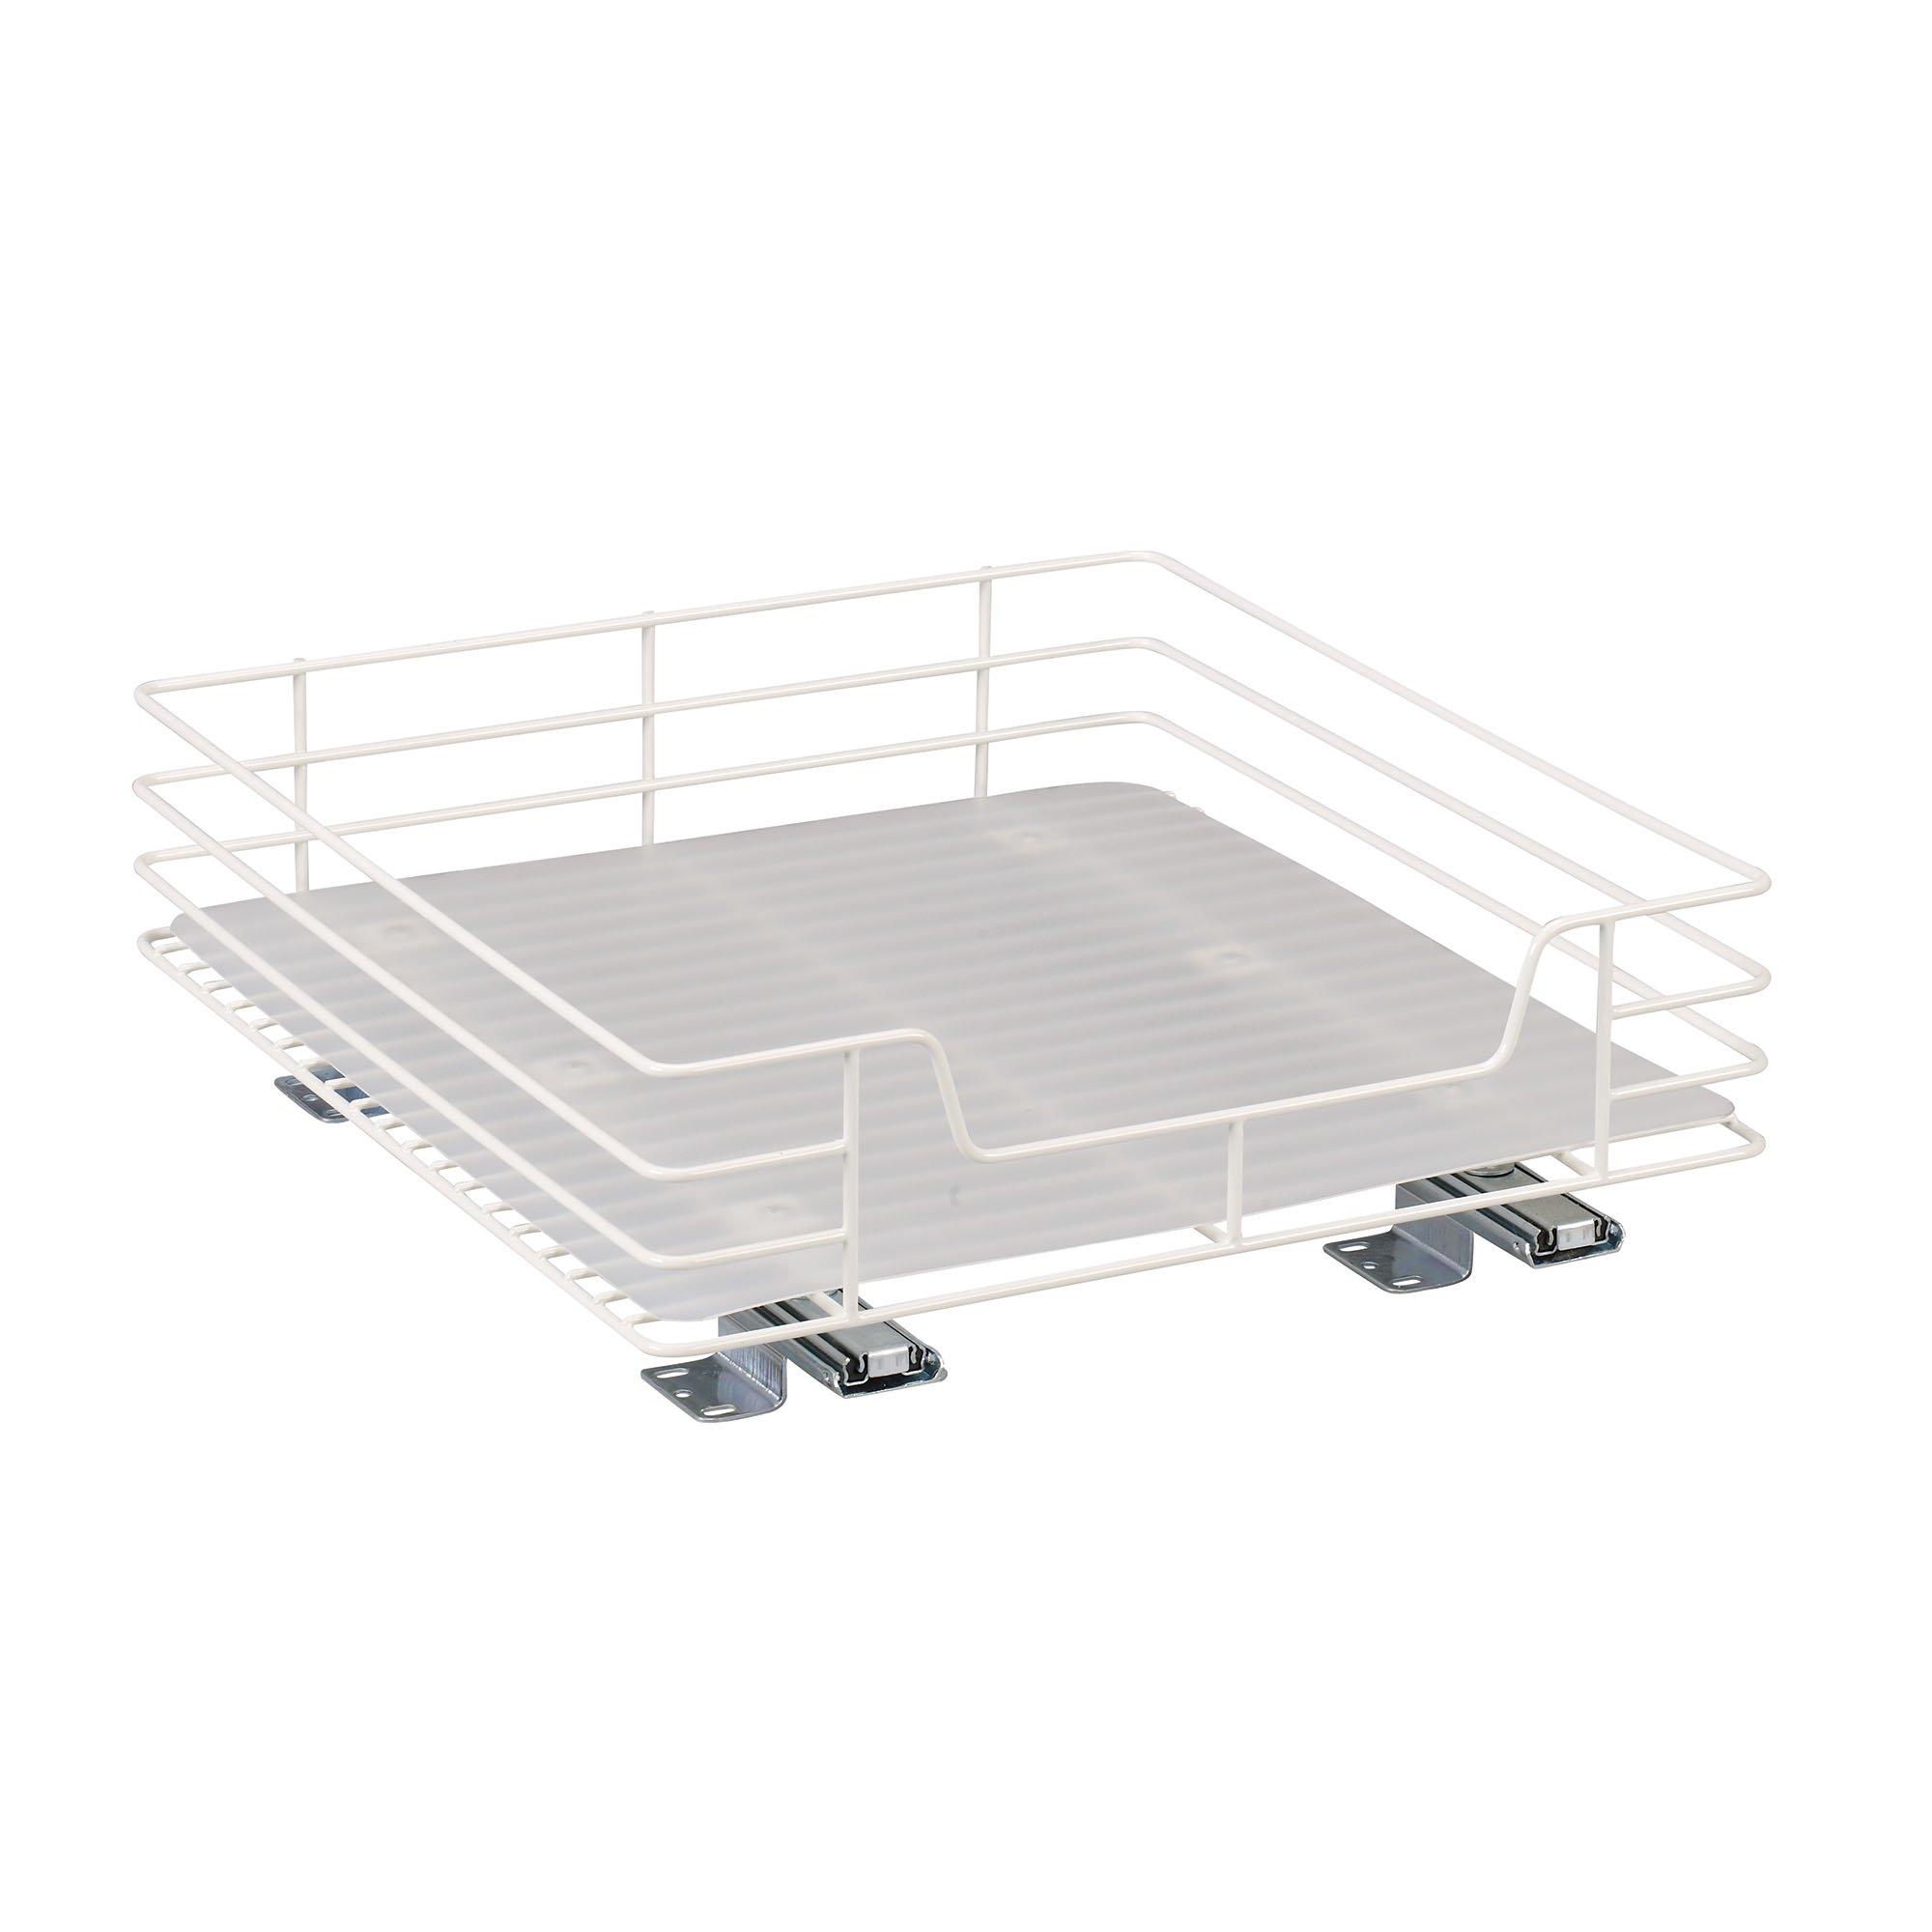 Household Essentials 1516-1 Glidez Undersink Sliding Organizer | Pull Out Cabinet Shelf | White | 15-Inch